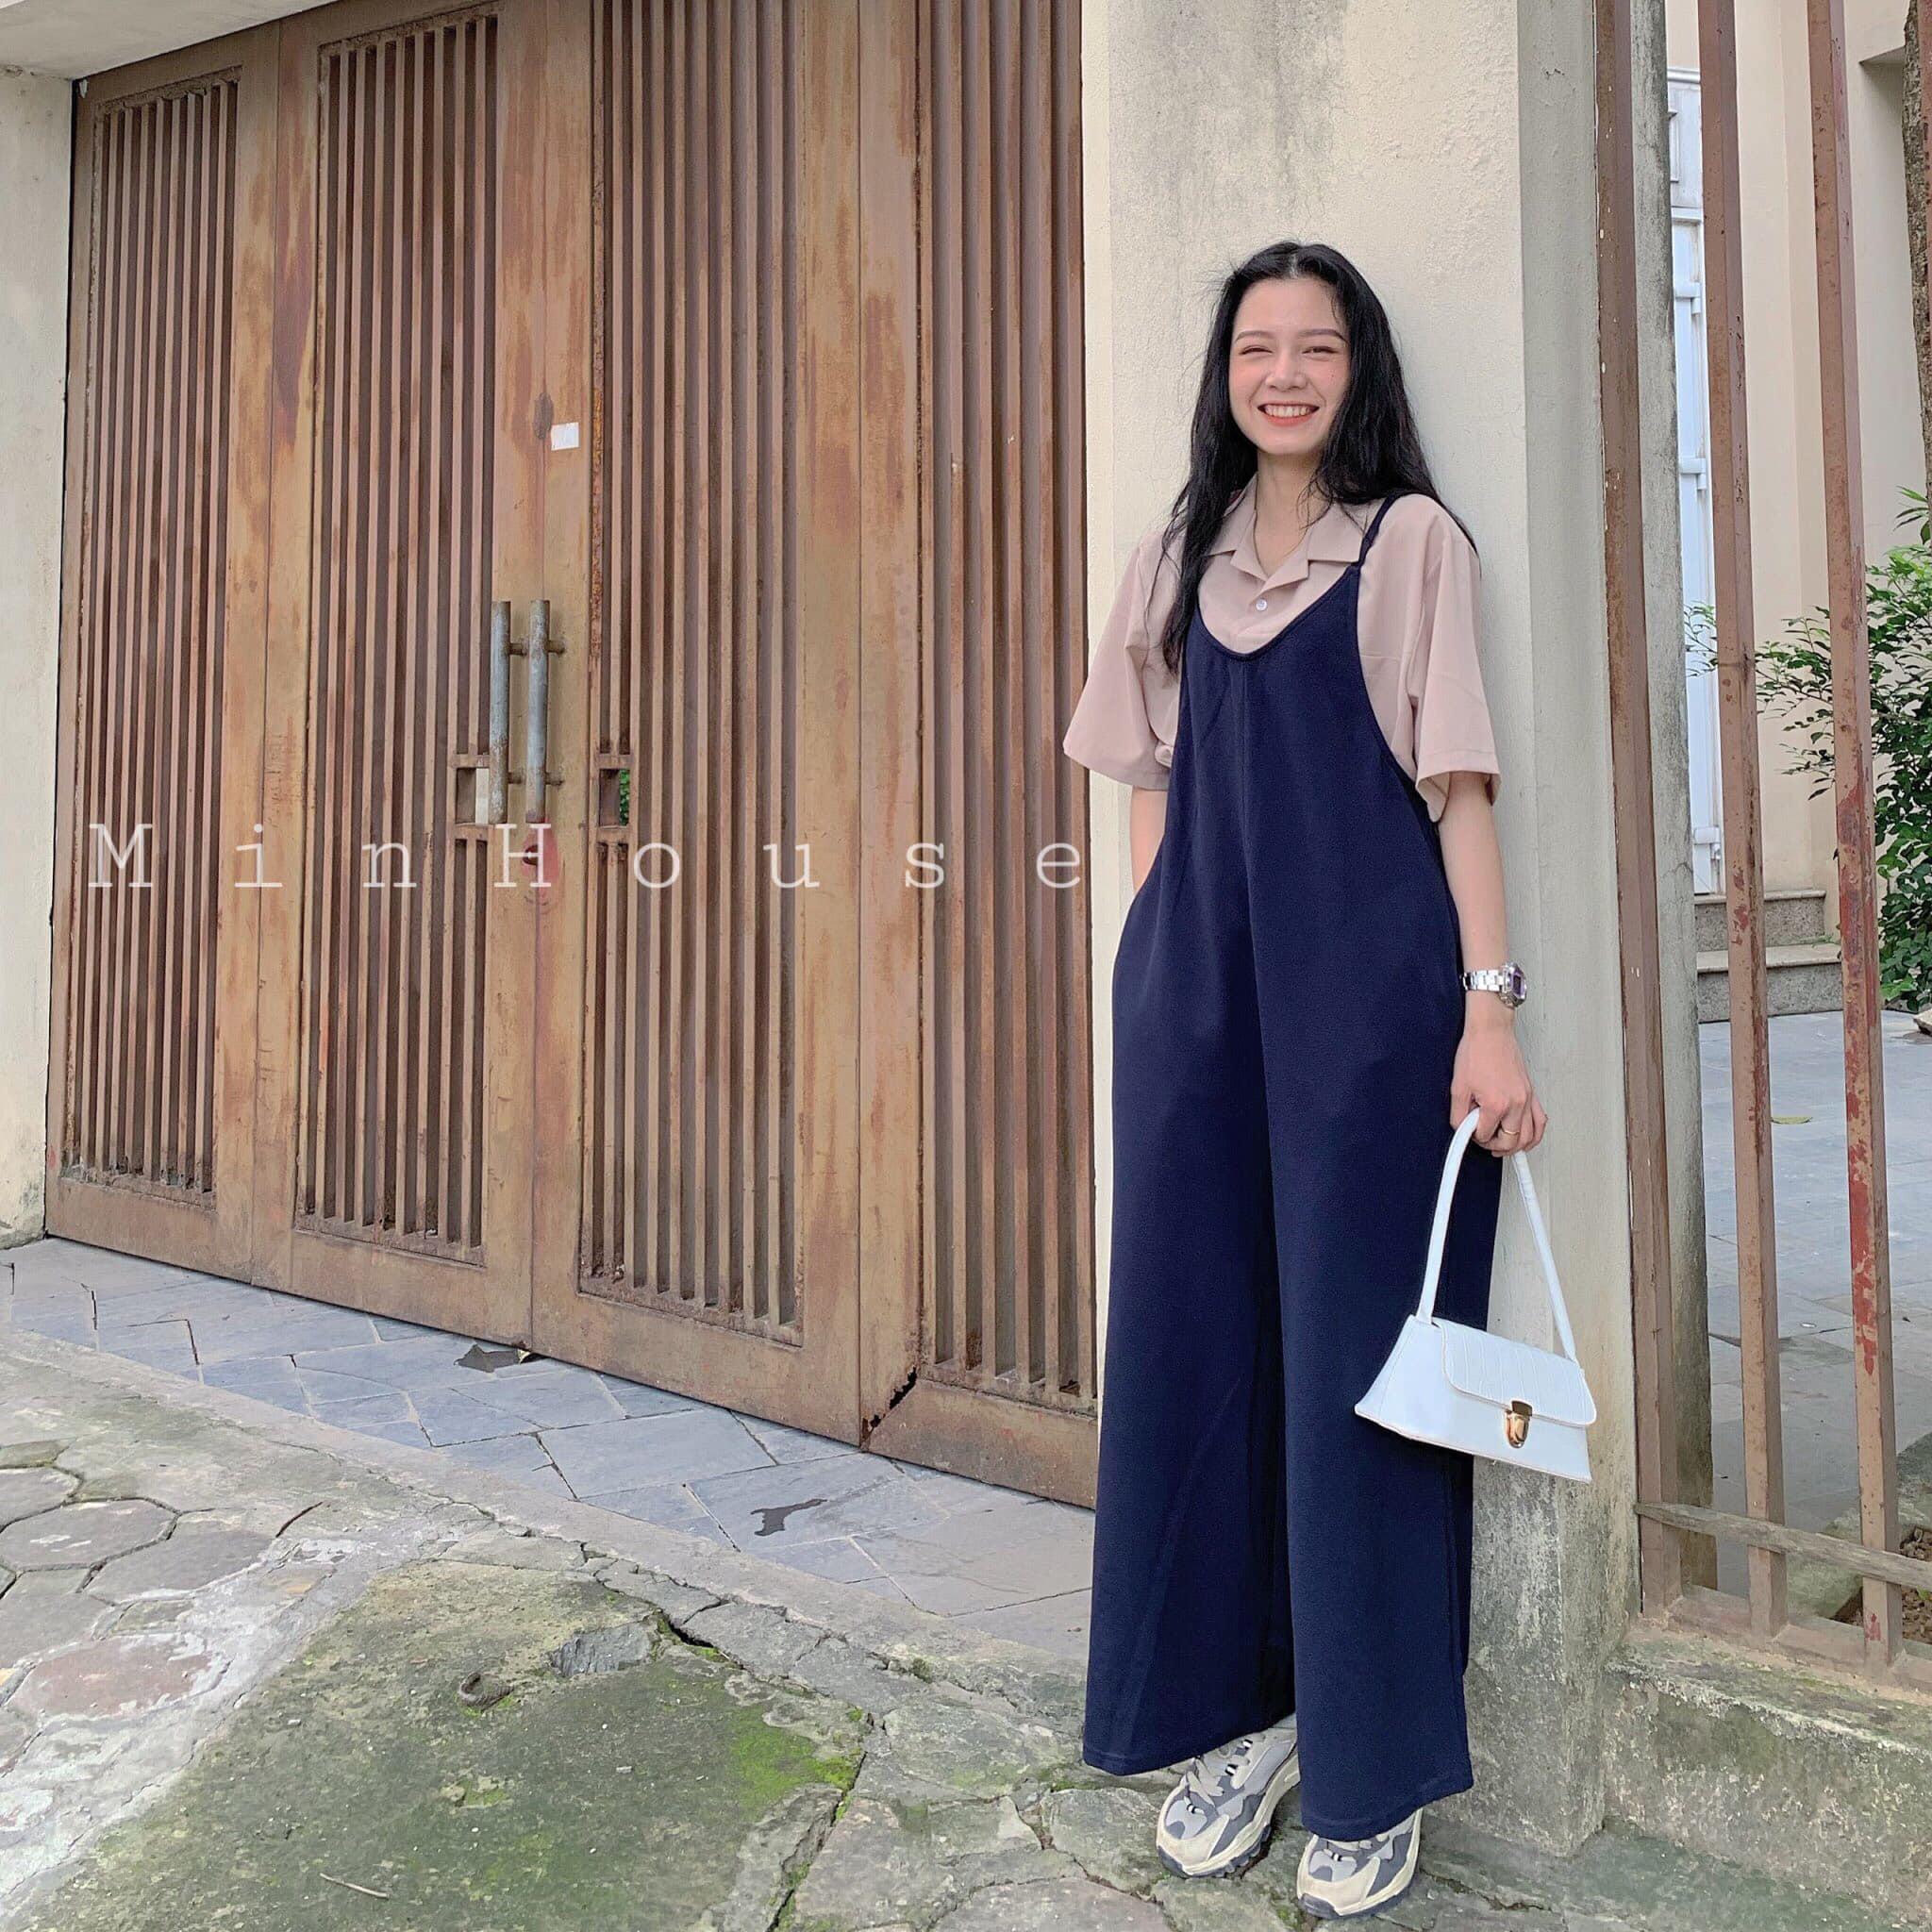 Xanh cổ điển (classic blue) – xu hướng thời trang không thể bỏ qua